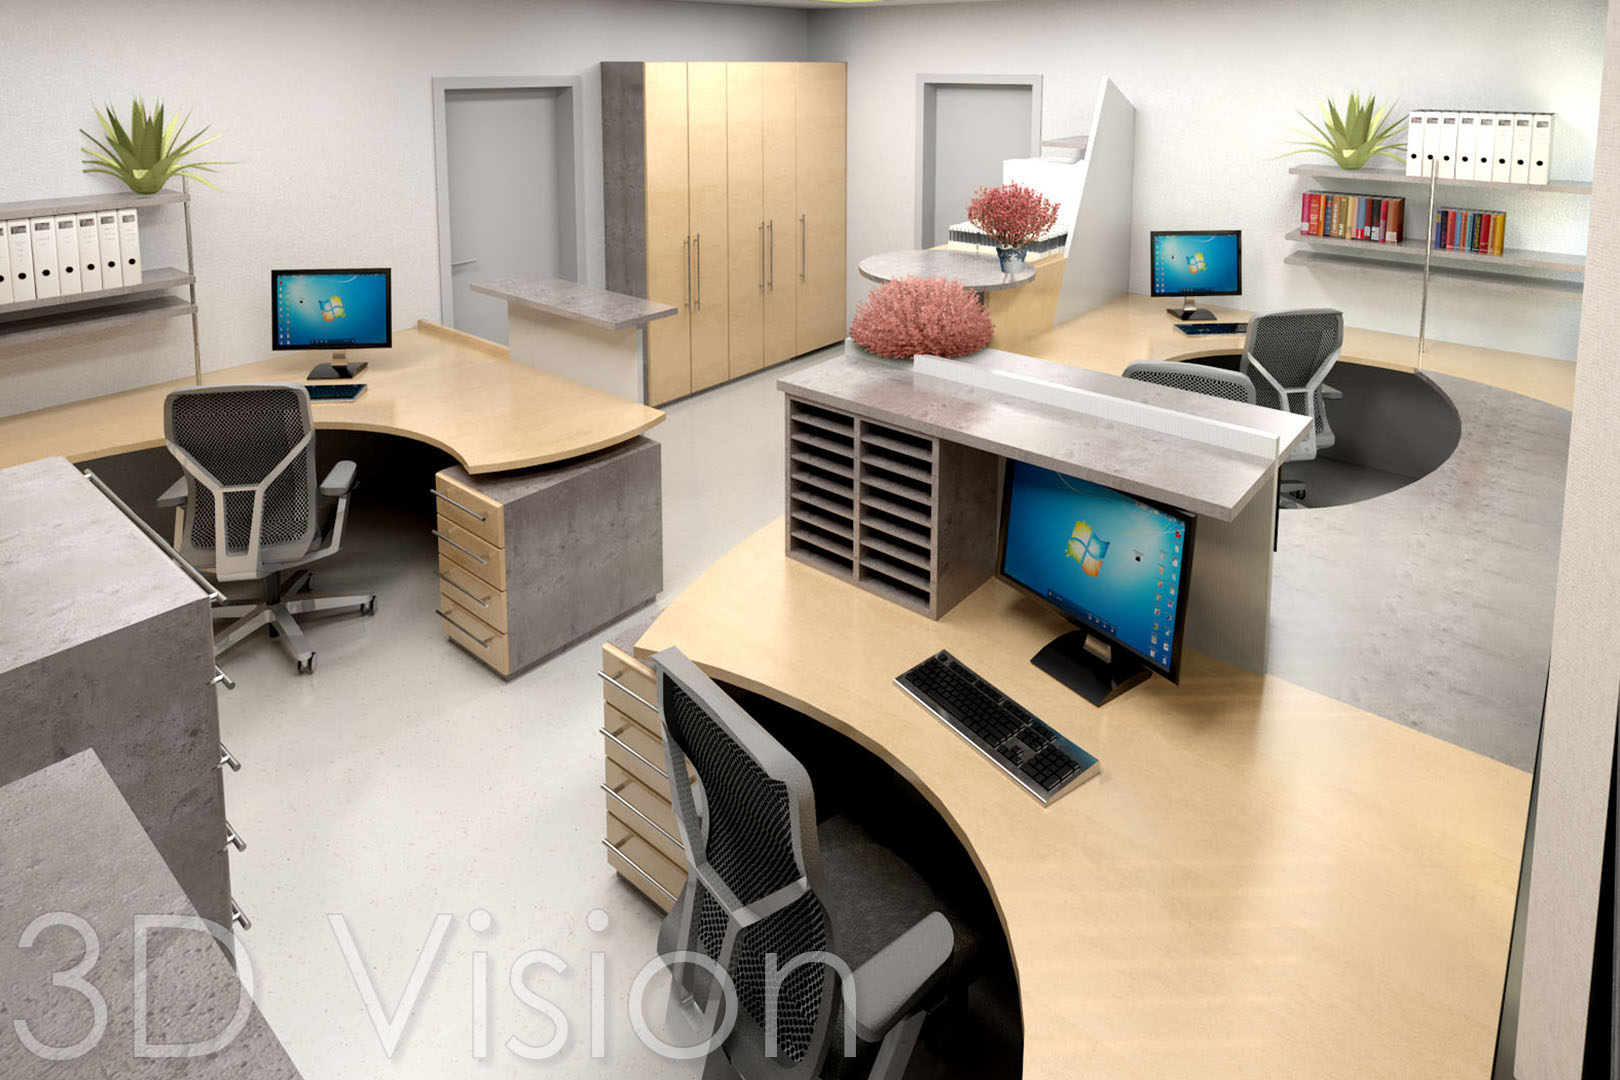 Großartig Büro Ideen Galerie Von Büro-3d